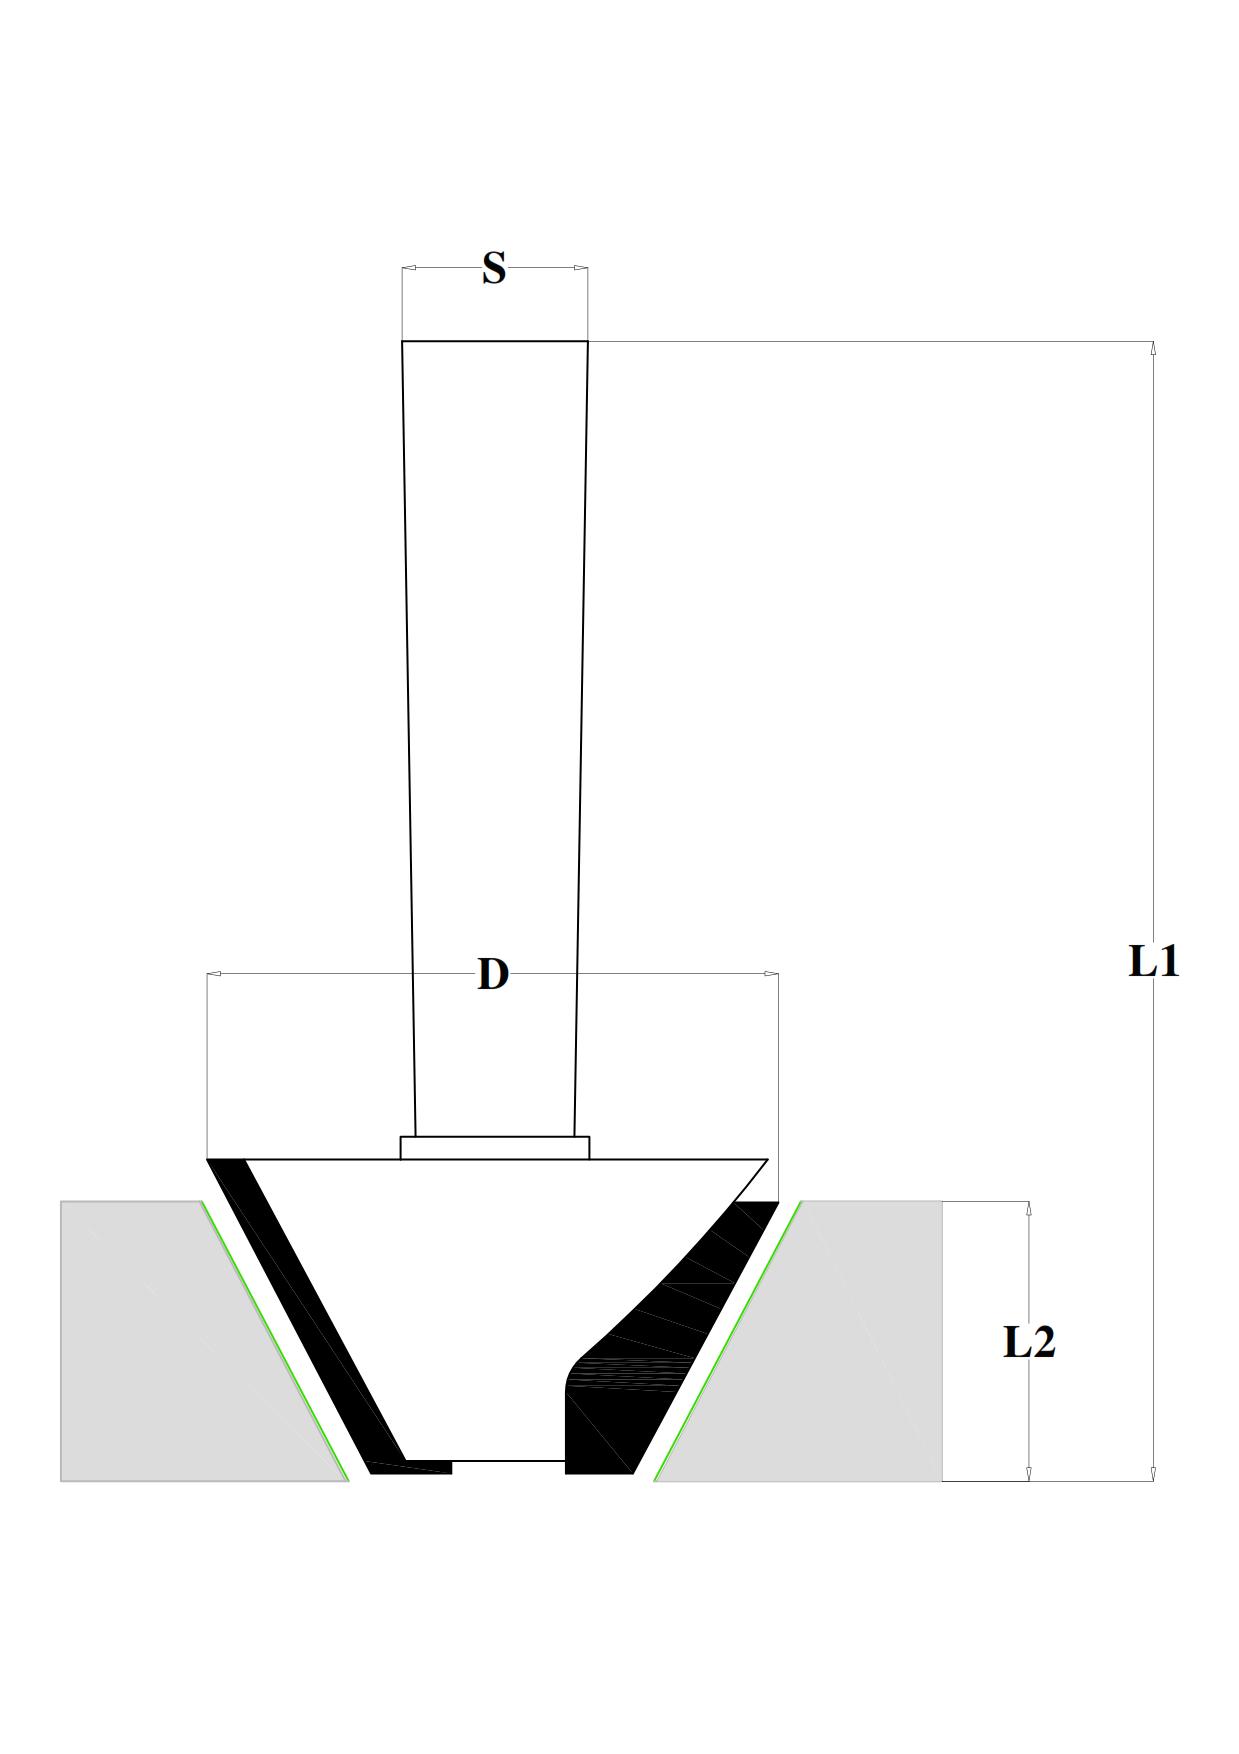 Fraiser FR.303 - Chamfer router bits HW - technical design